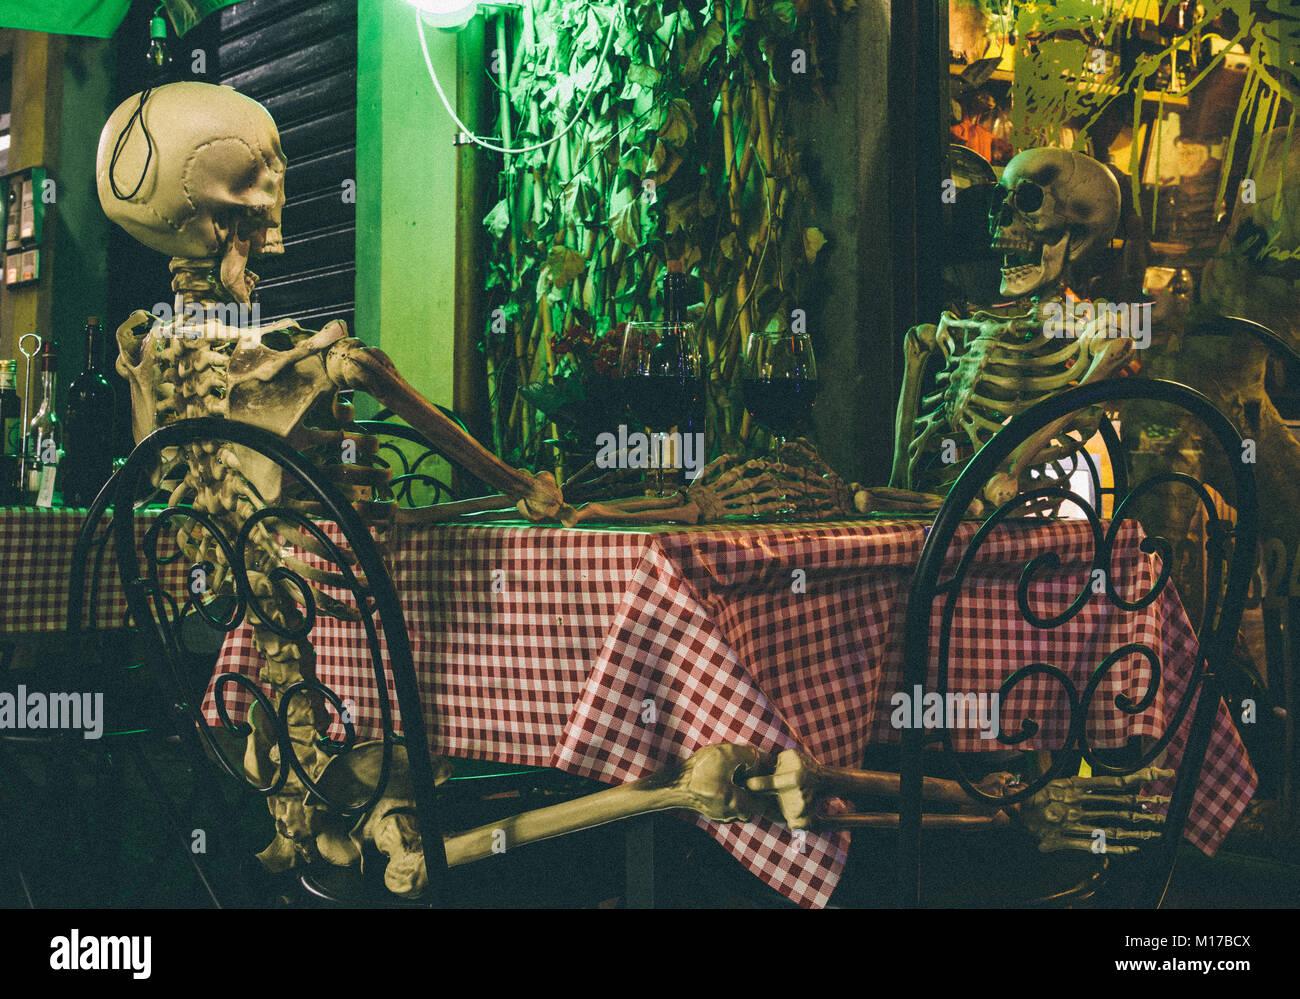 skeletons-on-a-date-M17BCX.jpg